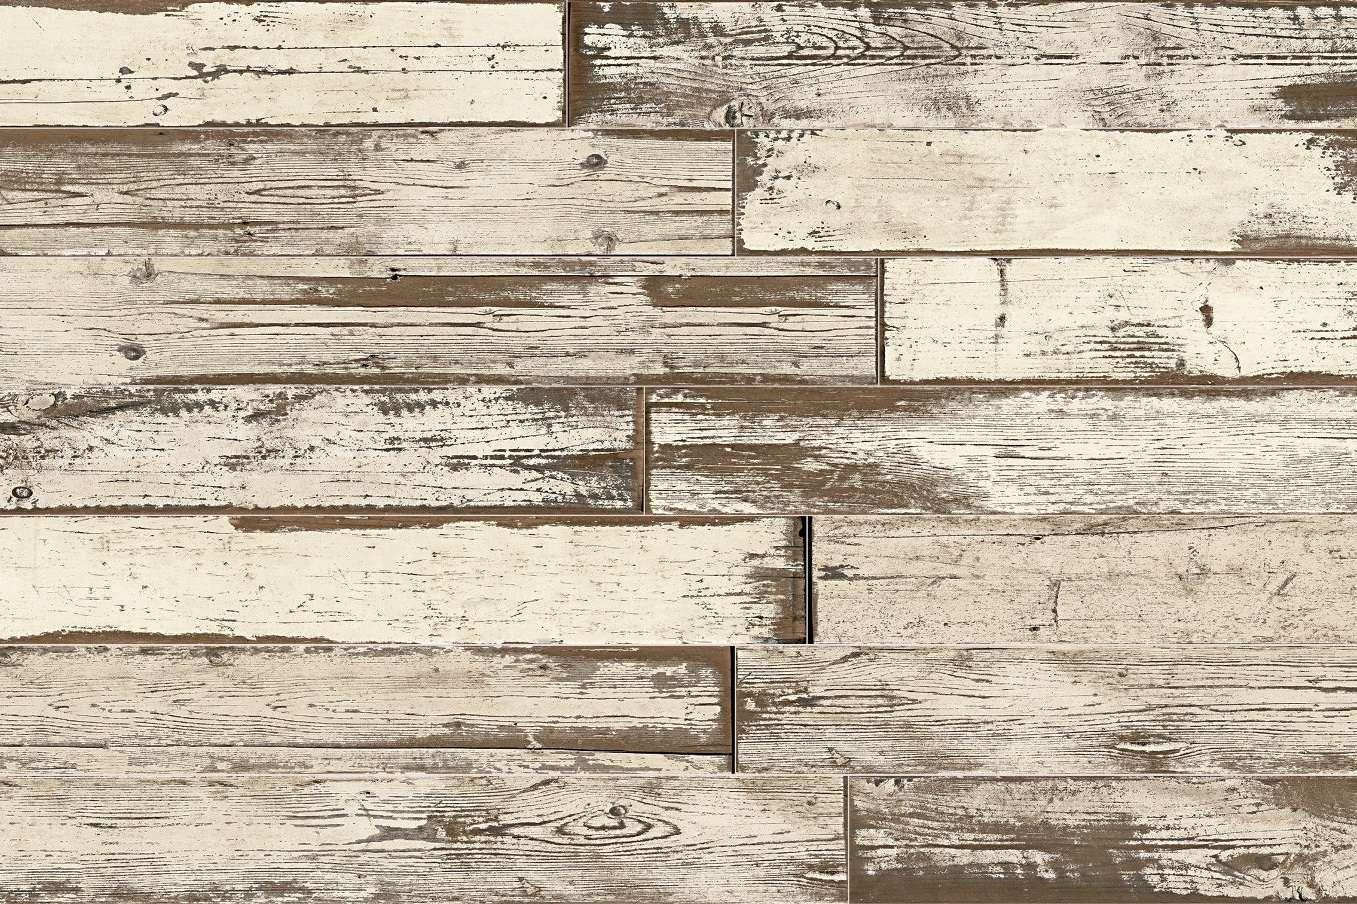 Fliesen Holzoptik Günstig Kaufen Fliesen Profi Fliesen Online